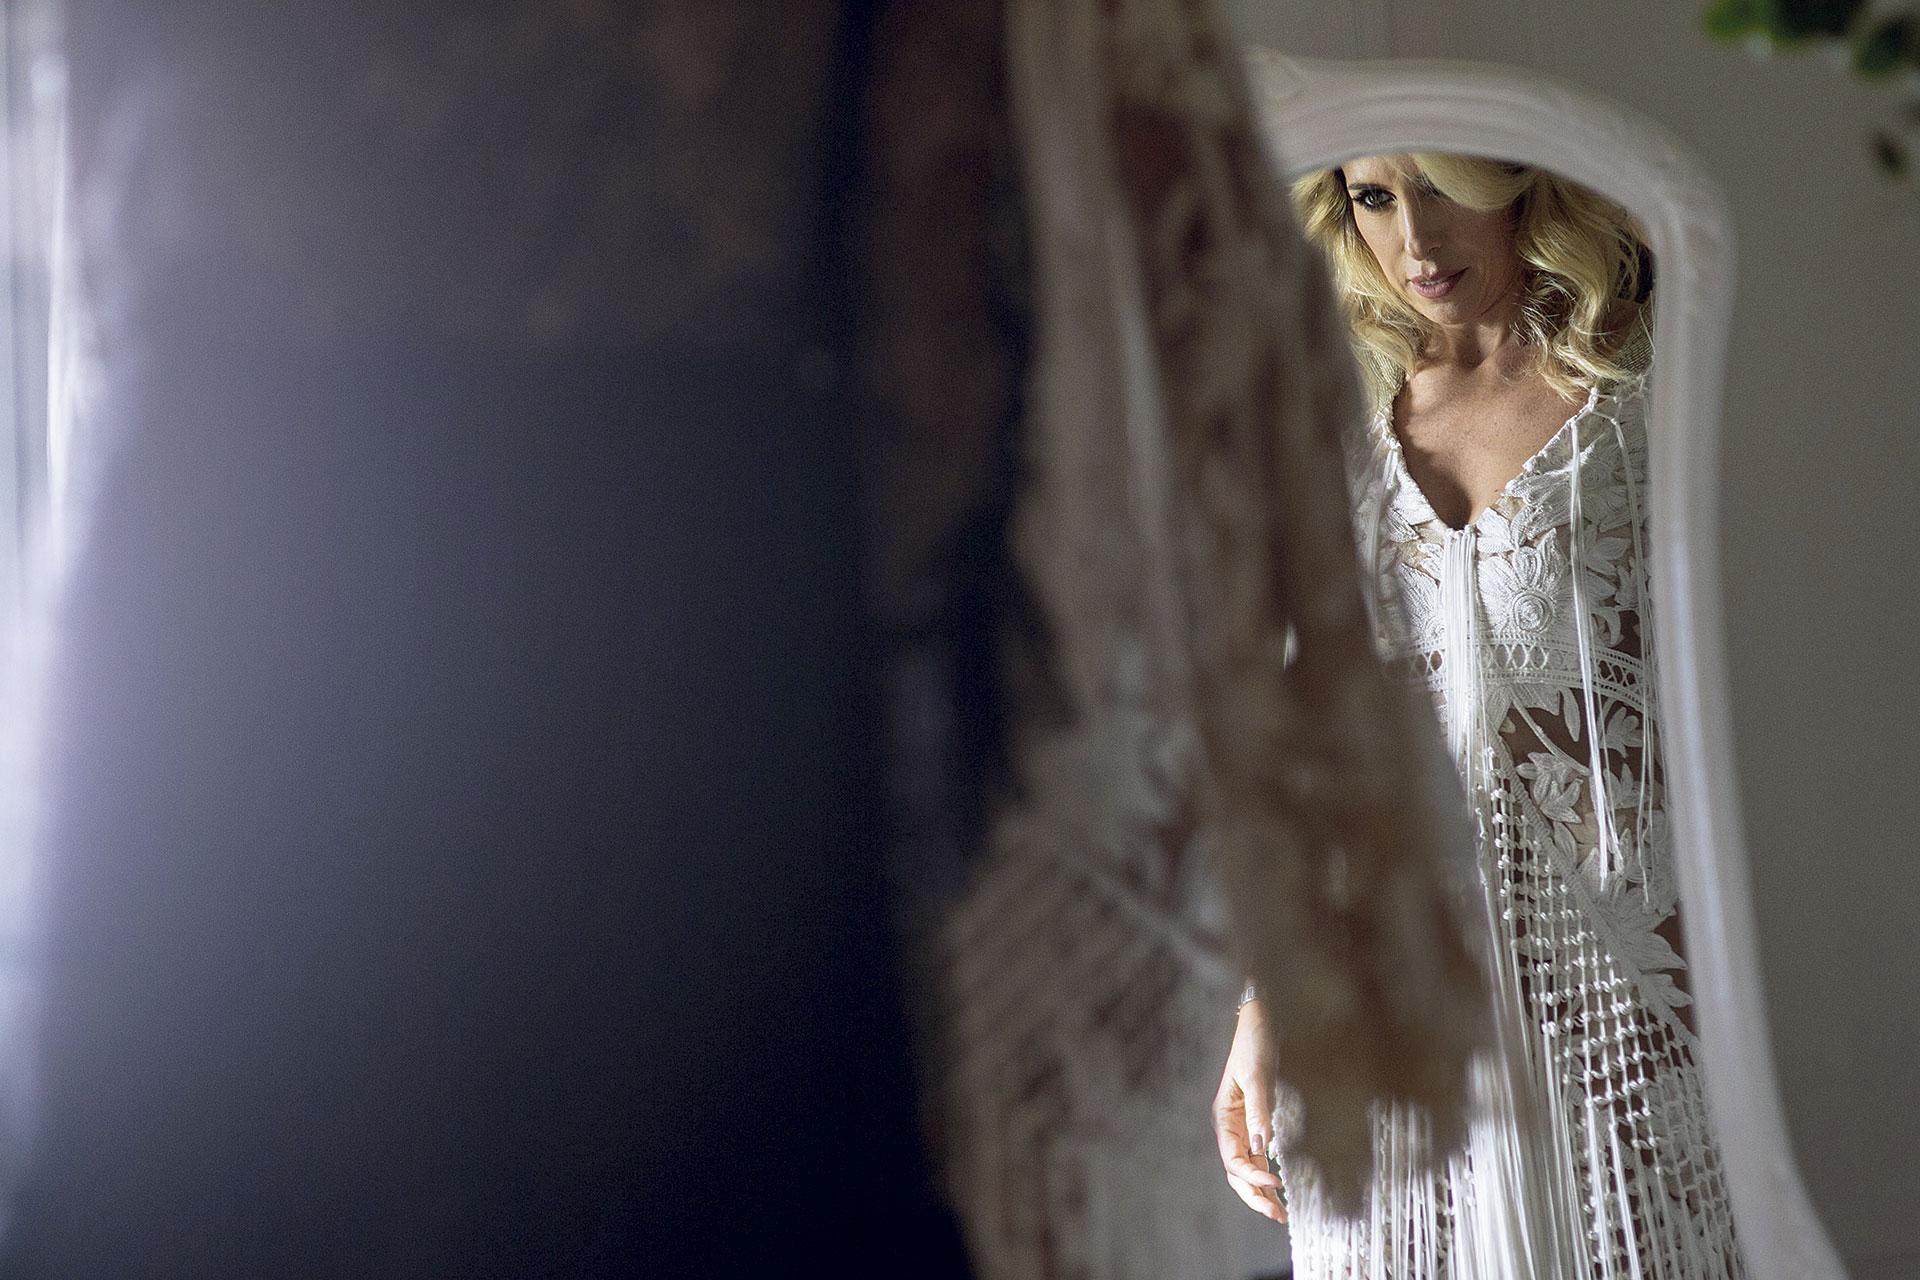 La novia antes del gran momento con el vestido de encaje de una diseñadora australiana